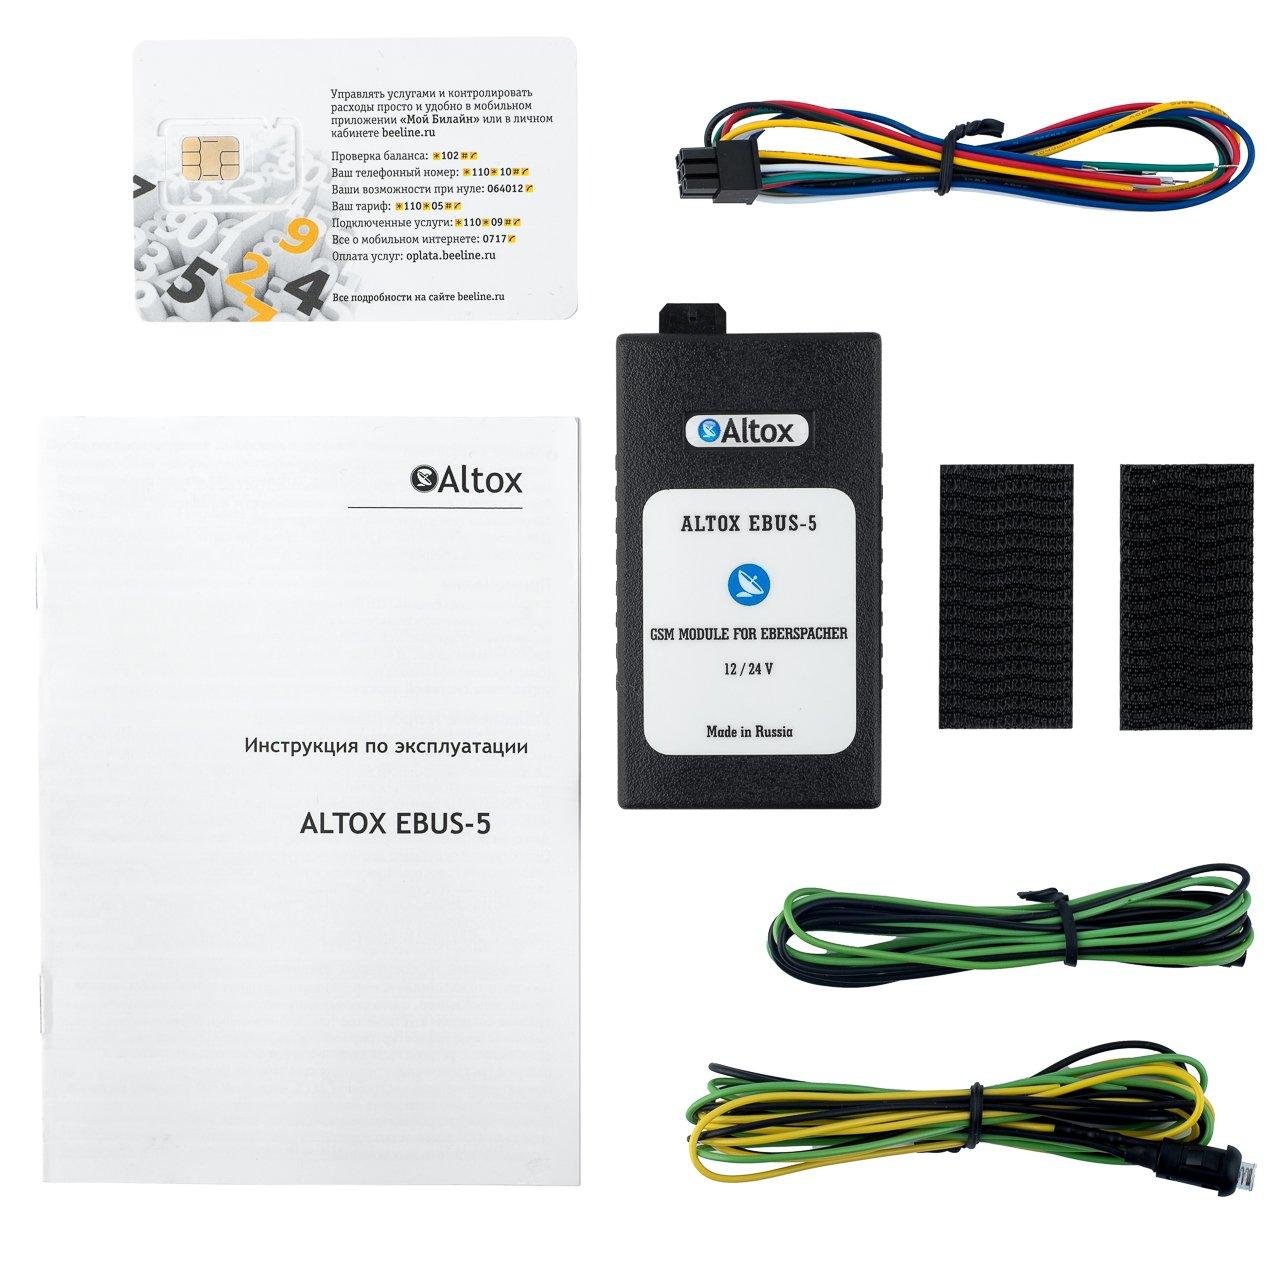 Фотография продукта Altox EBUS-5